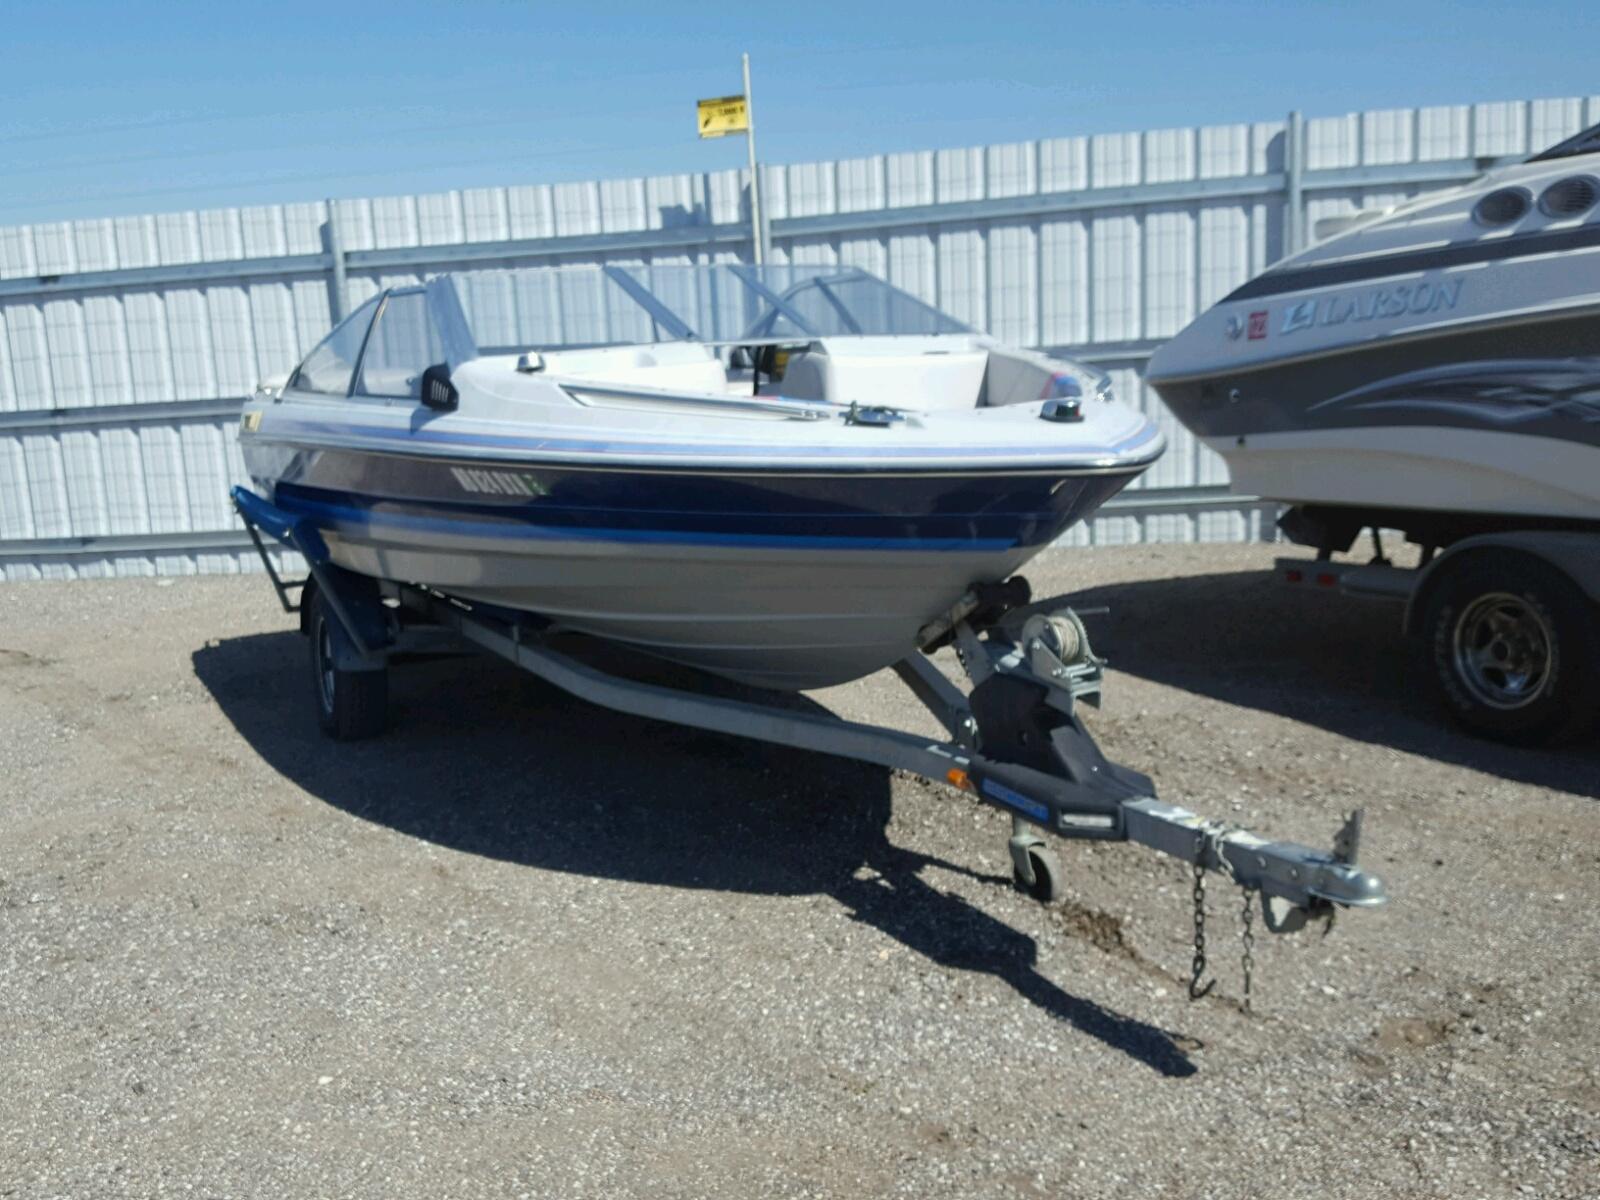 Salvage 1989 Bayliner BOAT for sale